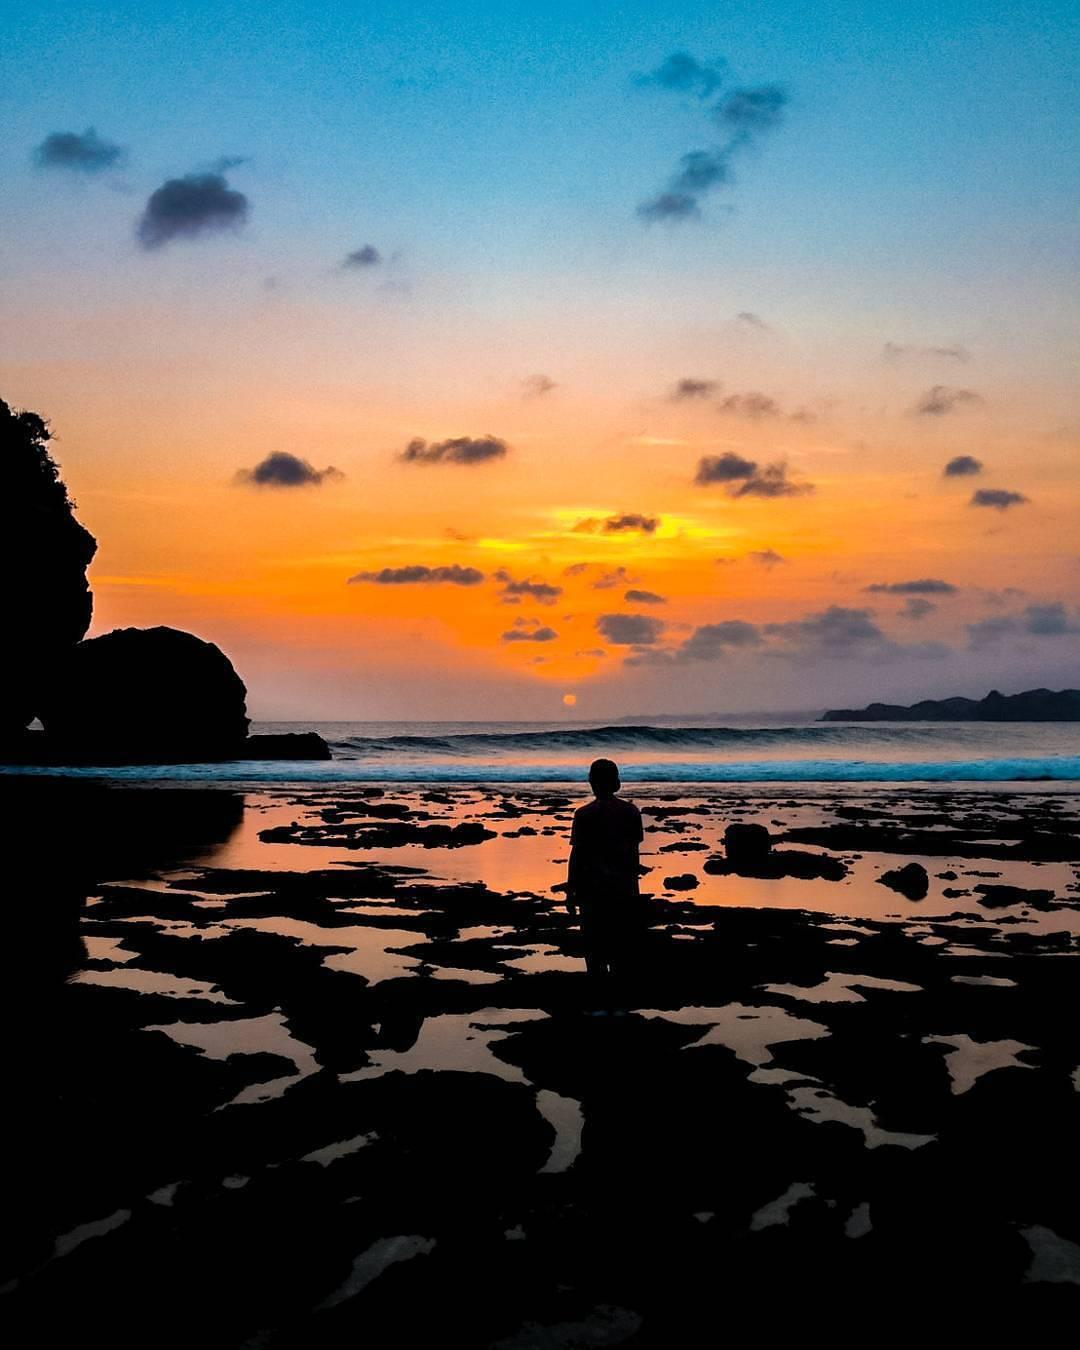 Mentari Terbenam Berwarna Jingga, Malang, Kabupaten Malang, Dolan Dolen, Dolaners Mentari Terbenam Berwarna Jingga by paksisuha - Dolan Dolen